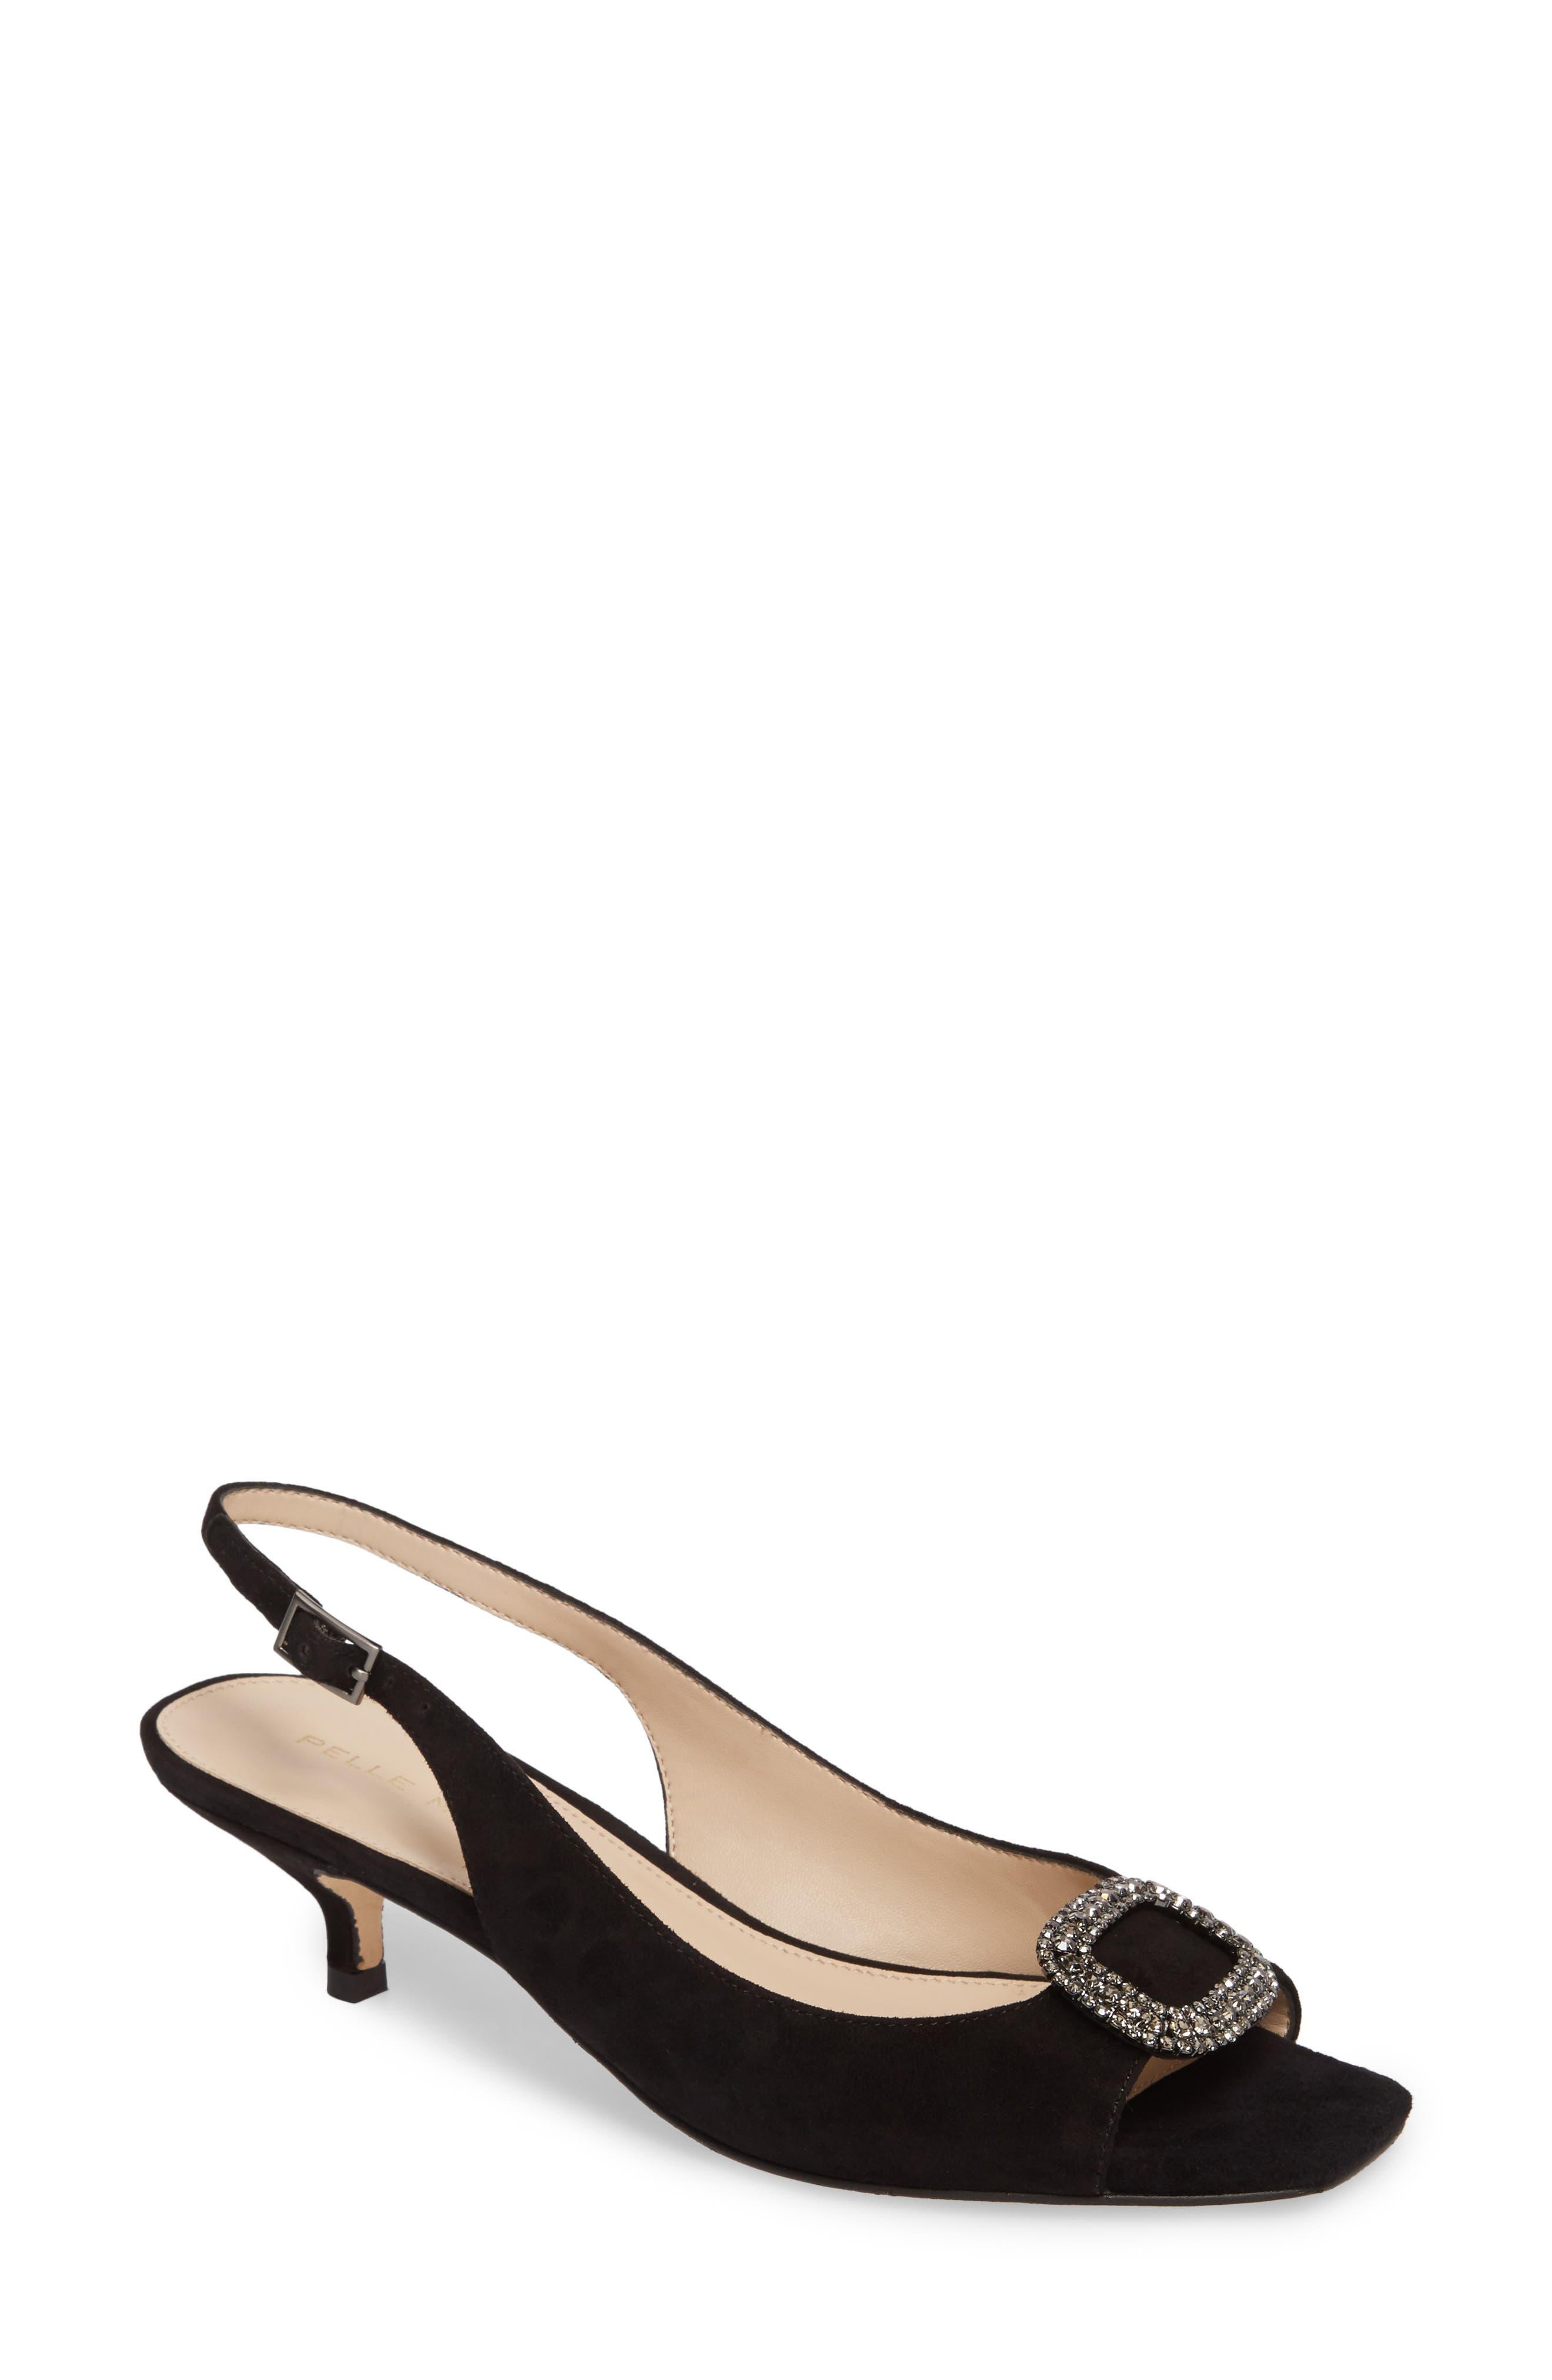 Alternate Image 1 Selected - Pelle Moda Fresca Slingback Sandal (Women)